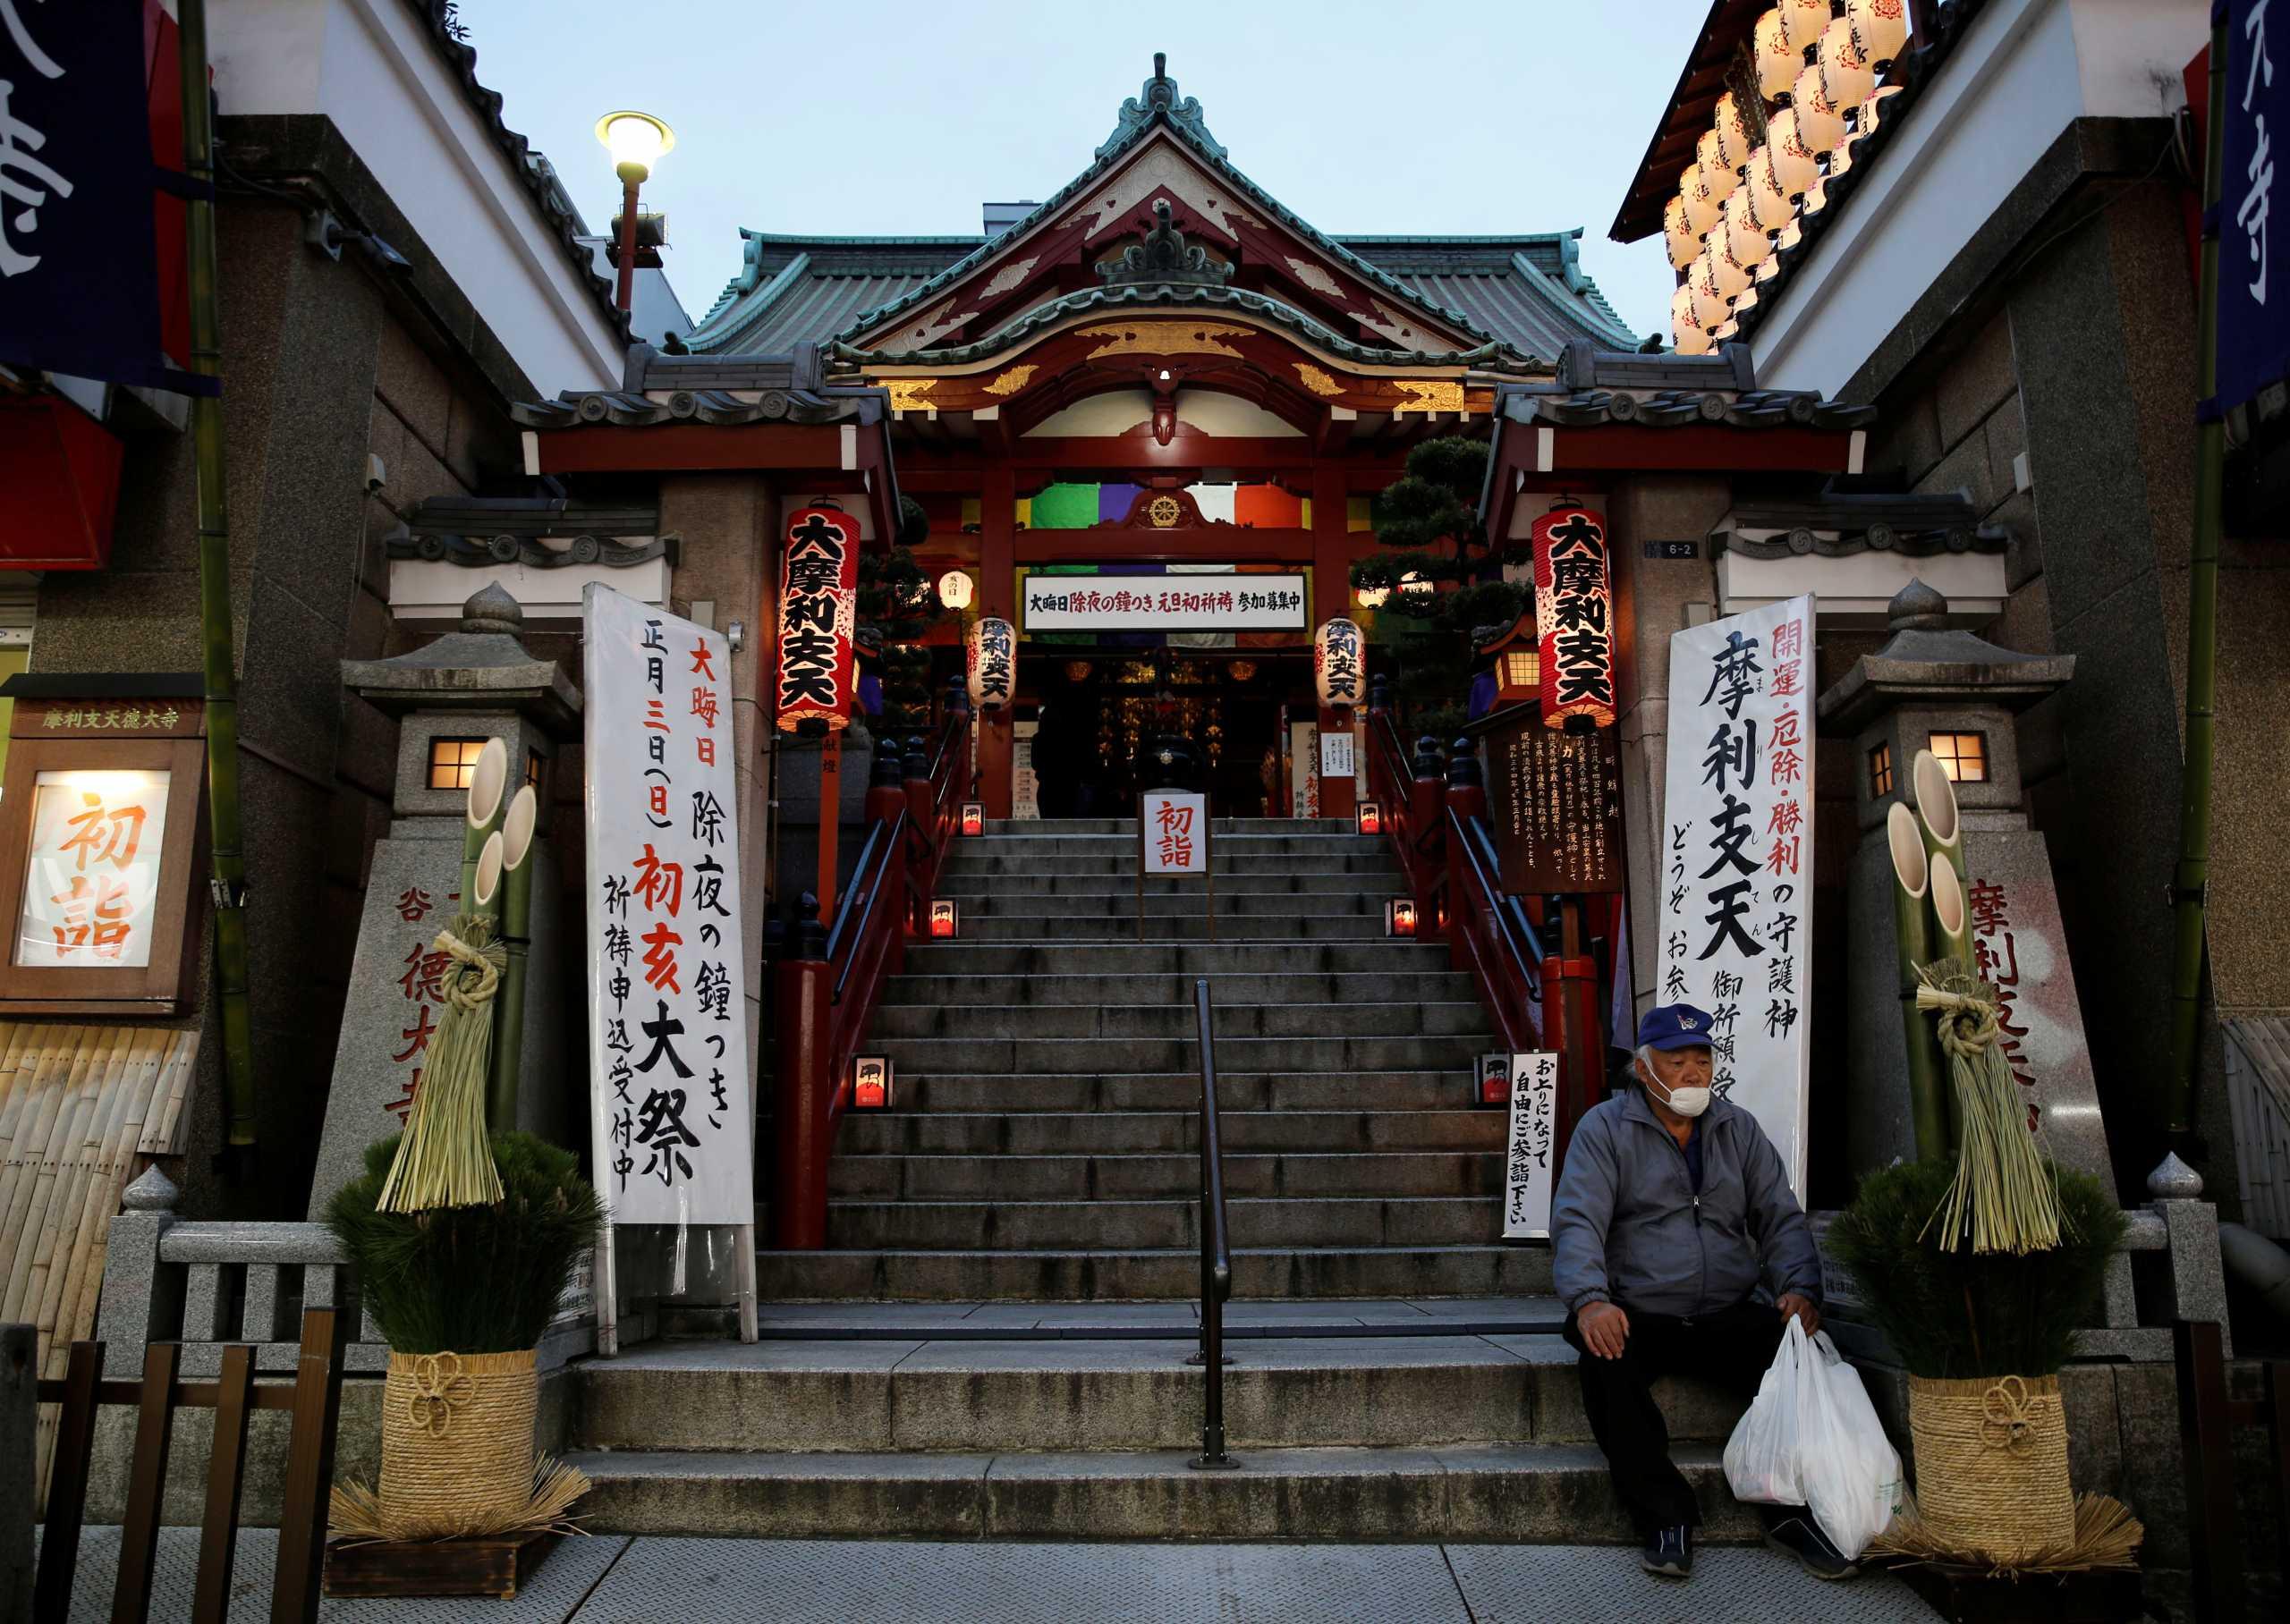 Ιαπωνία: Ο κορονοϊός φέρνει περιορισμούς στη λειτουργία των εστιατορίων στο Τόκιο